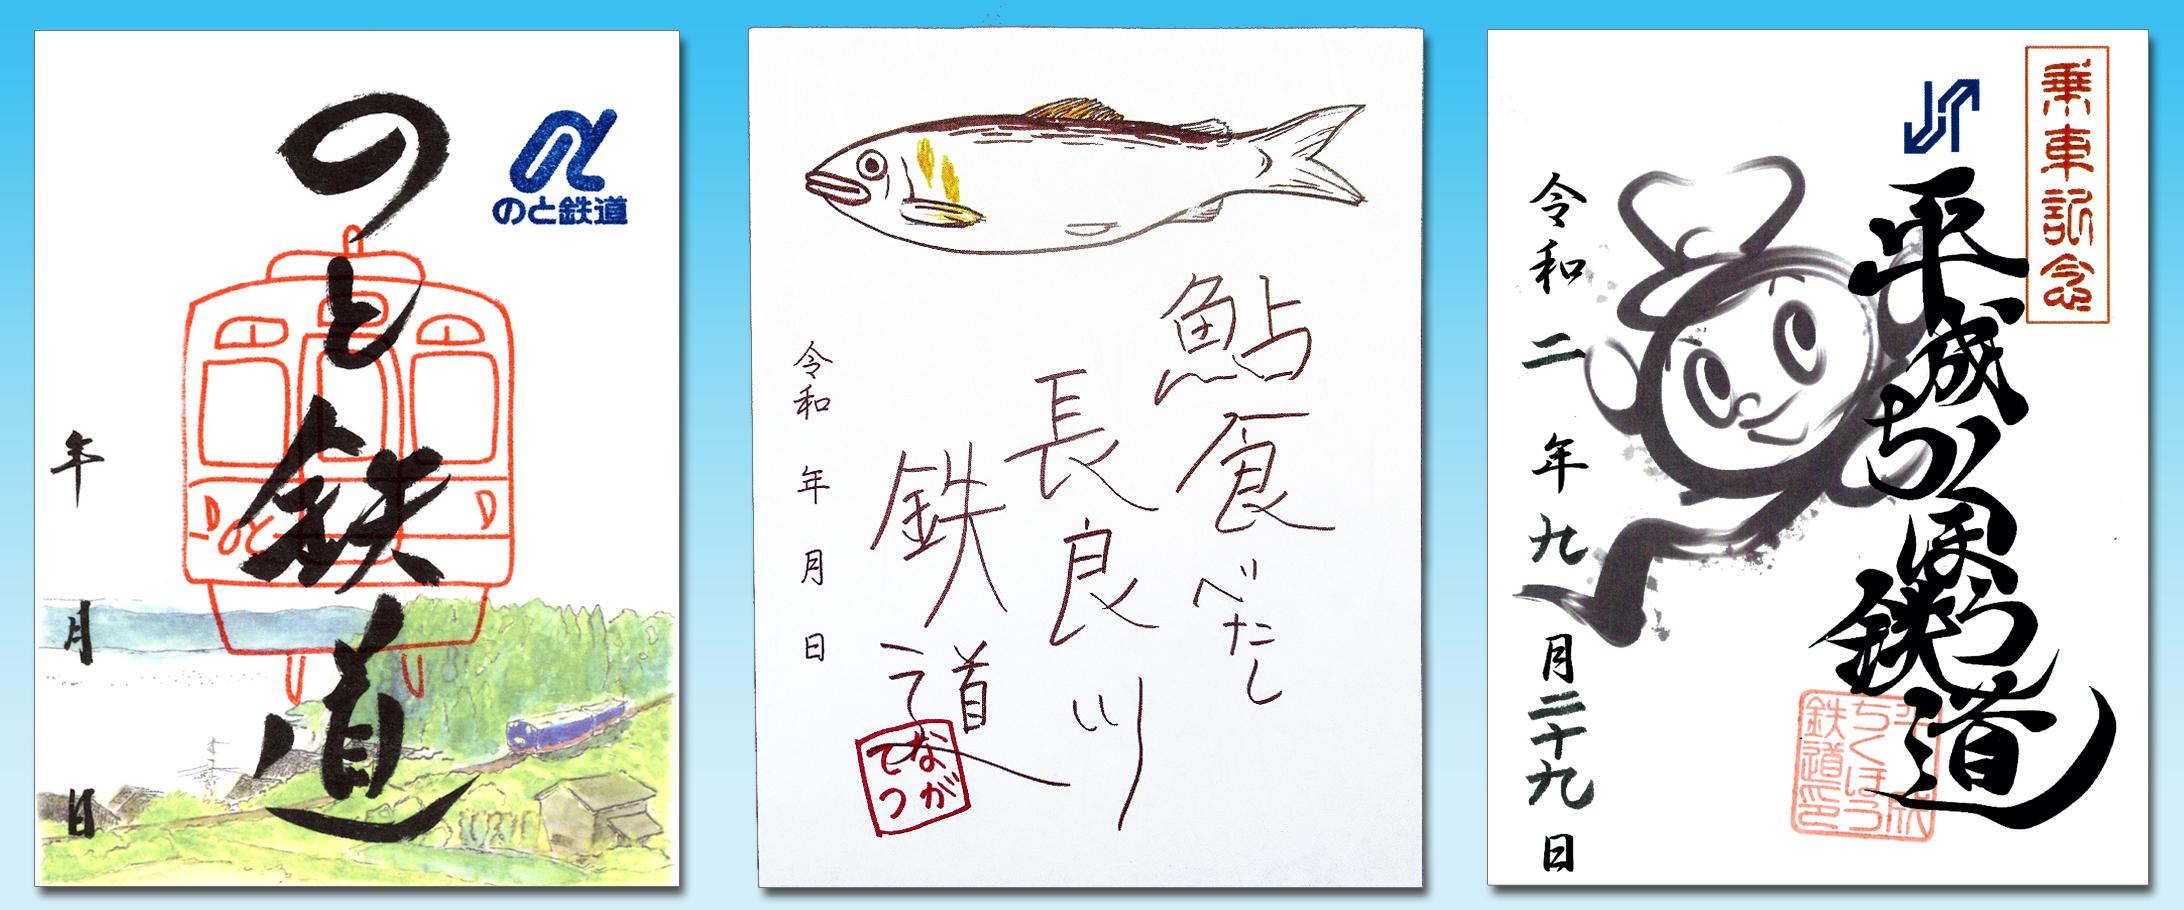 左から「のと鉄道」「長良川鉄道」「平成筑豊鉄道」のオリジナル鉄印